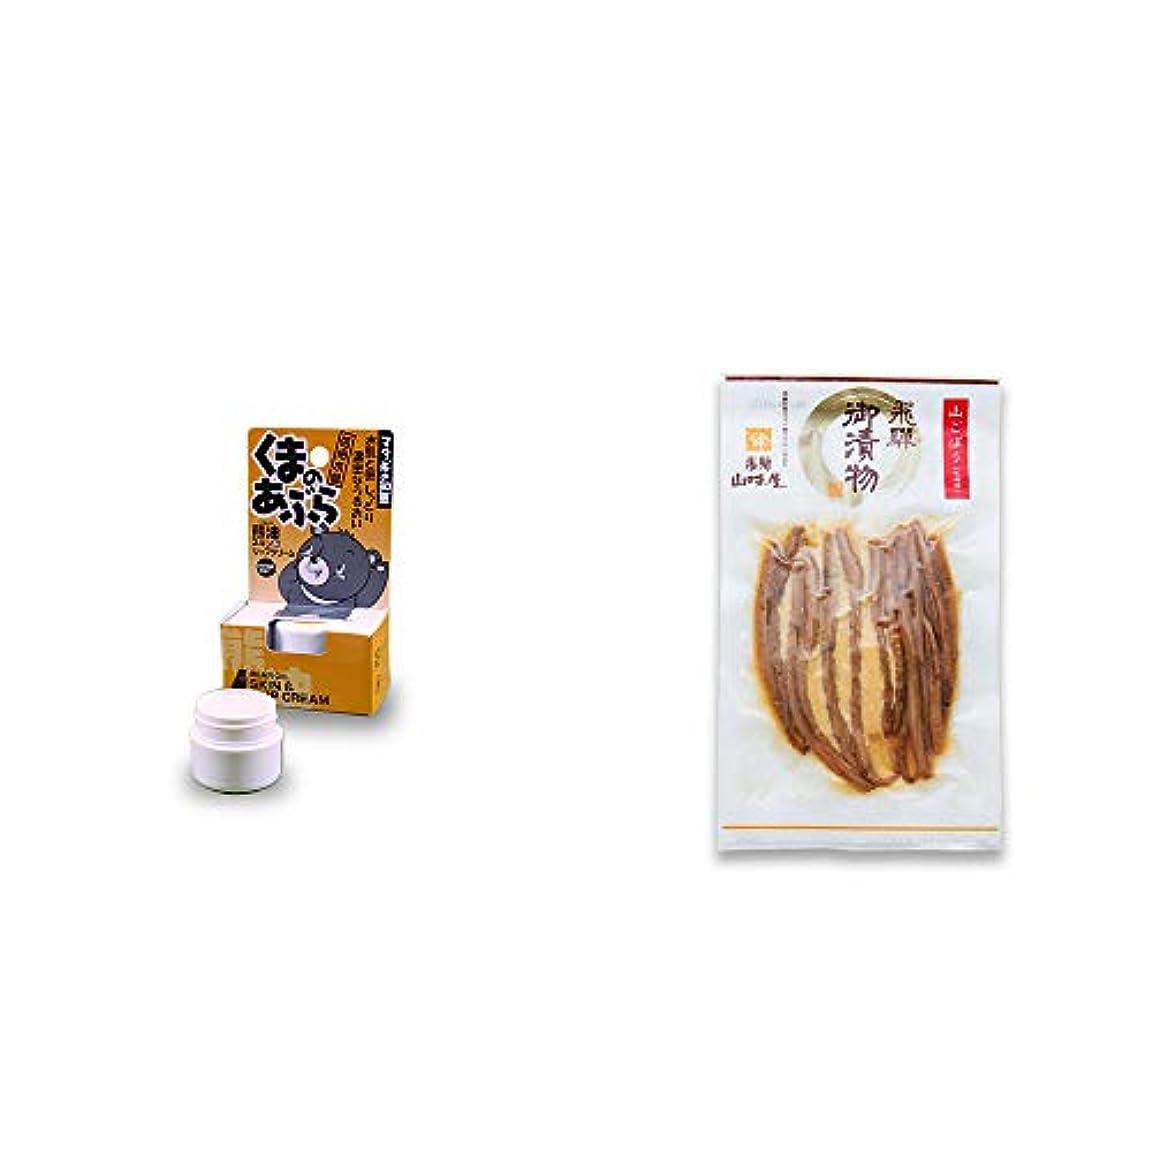 降下アラブロッド[2点セット] 信州木曽 くまのあぶら 熊油スキン&リップクリーム(9g)?飛騨山味屋 山ごぼう味噌漬(80g)